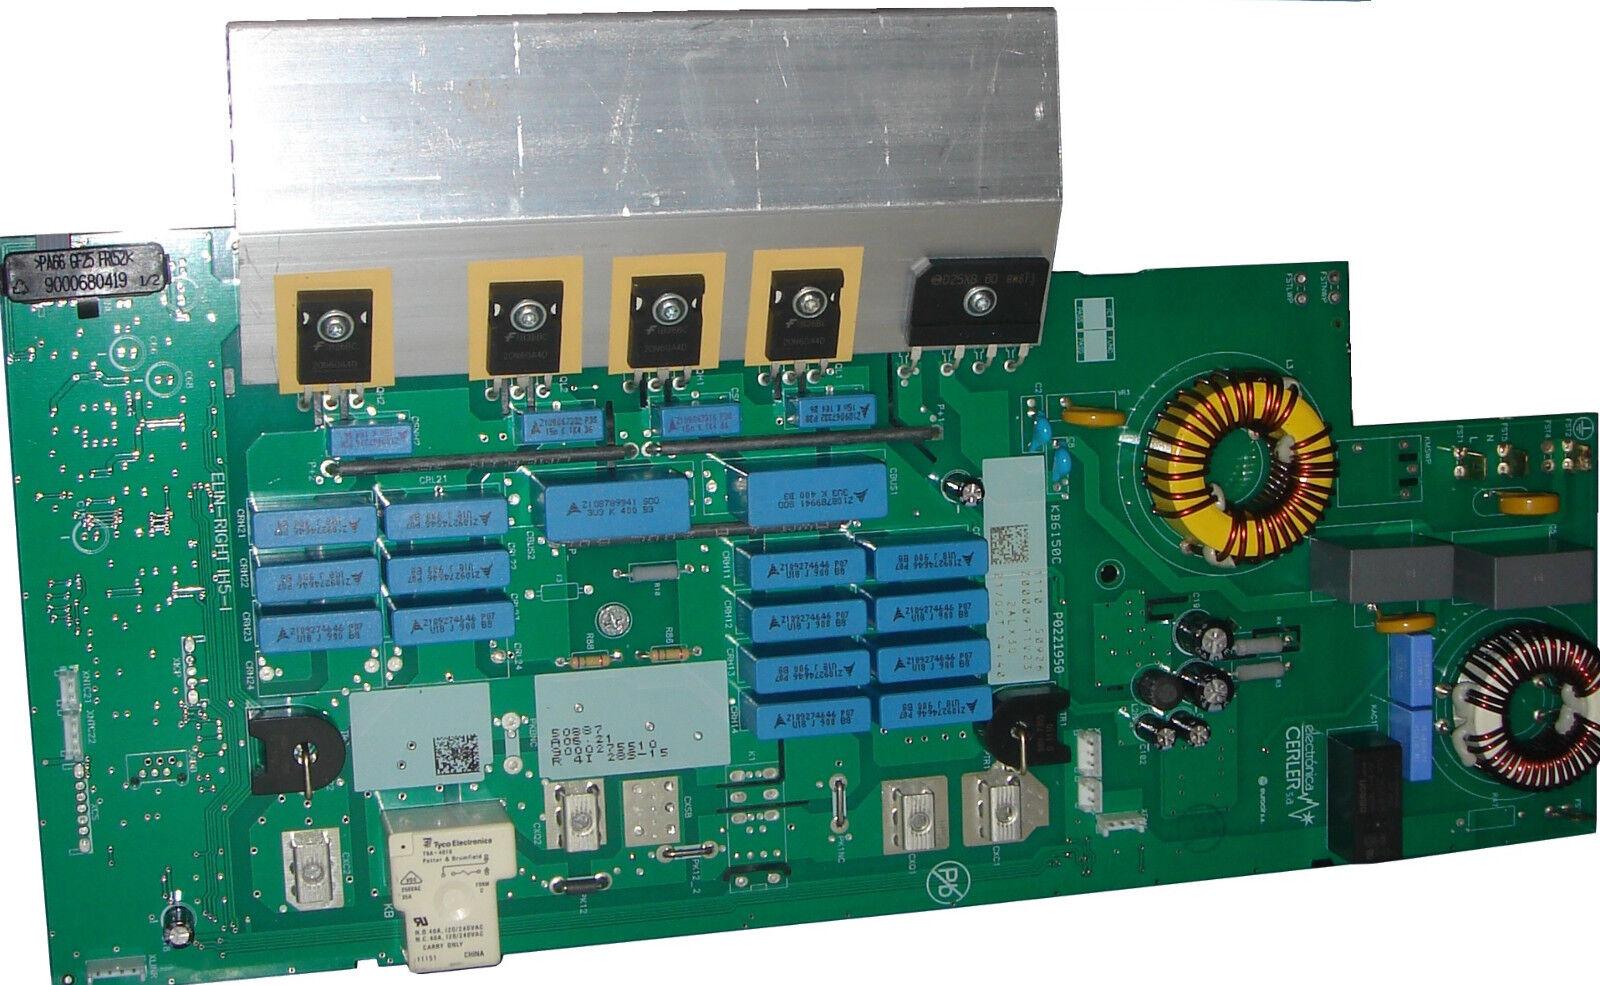 Induktion platine neff bosch siemens electronica cerler p0221950